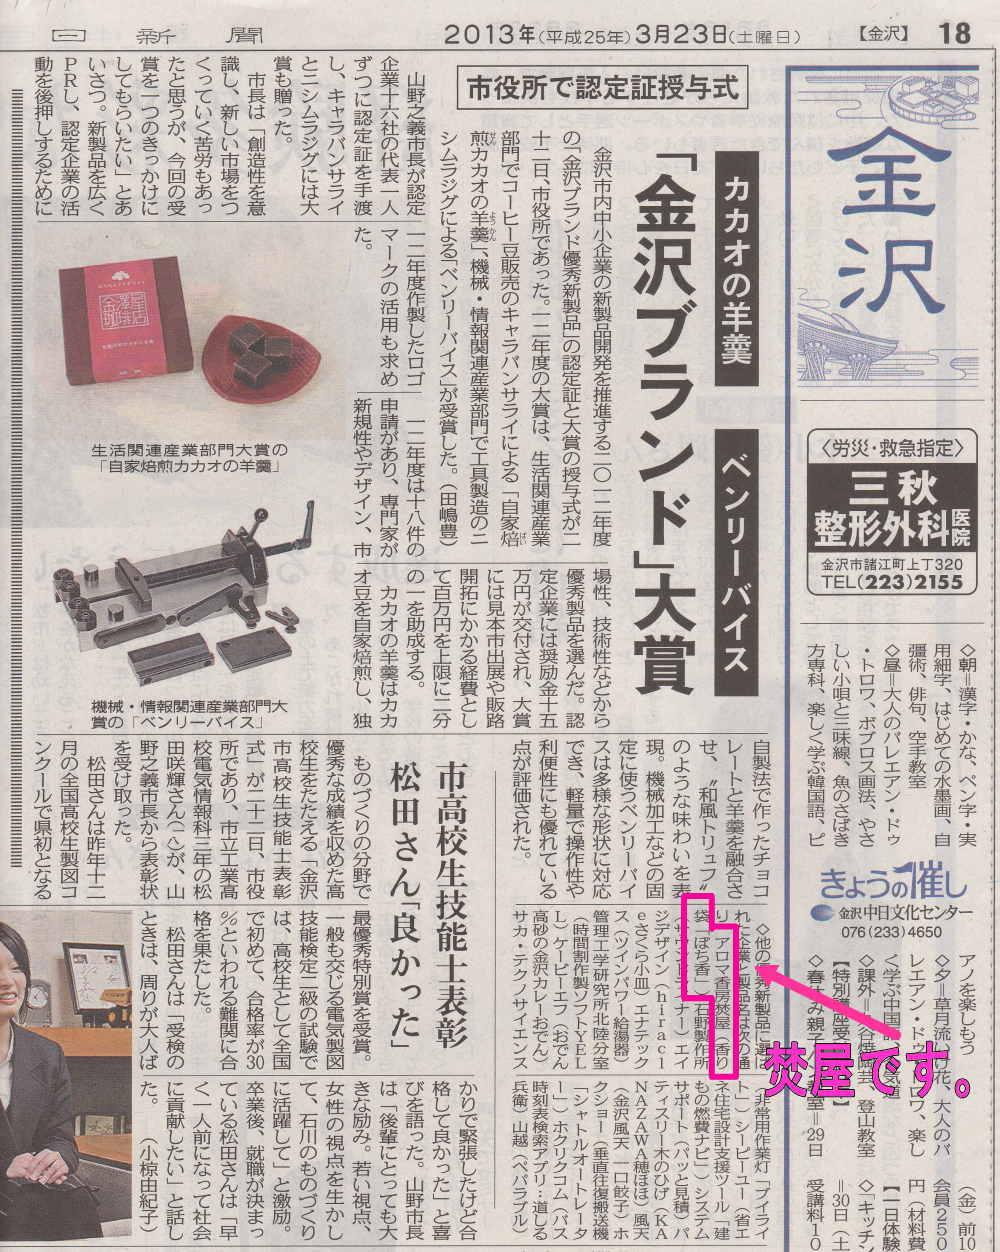 金沢ブランド優秀新製品 ぽち香 金沢観光のお香のお土産